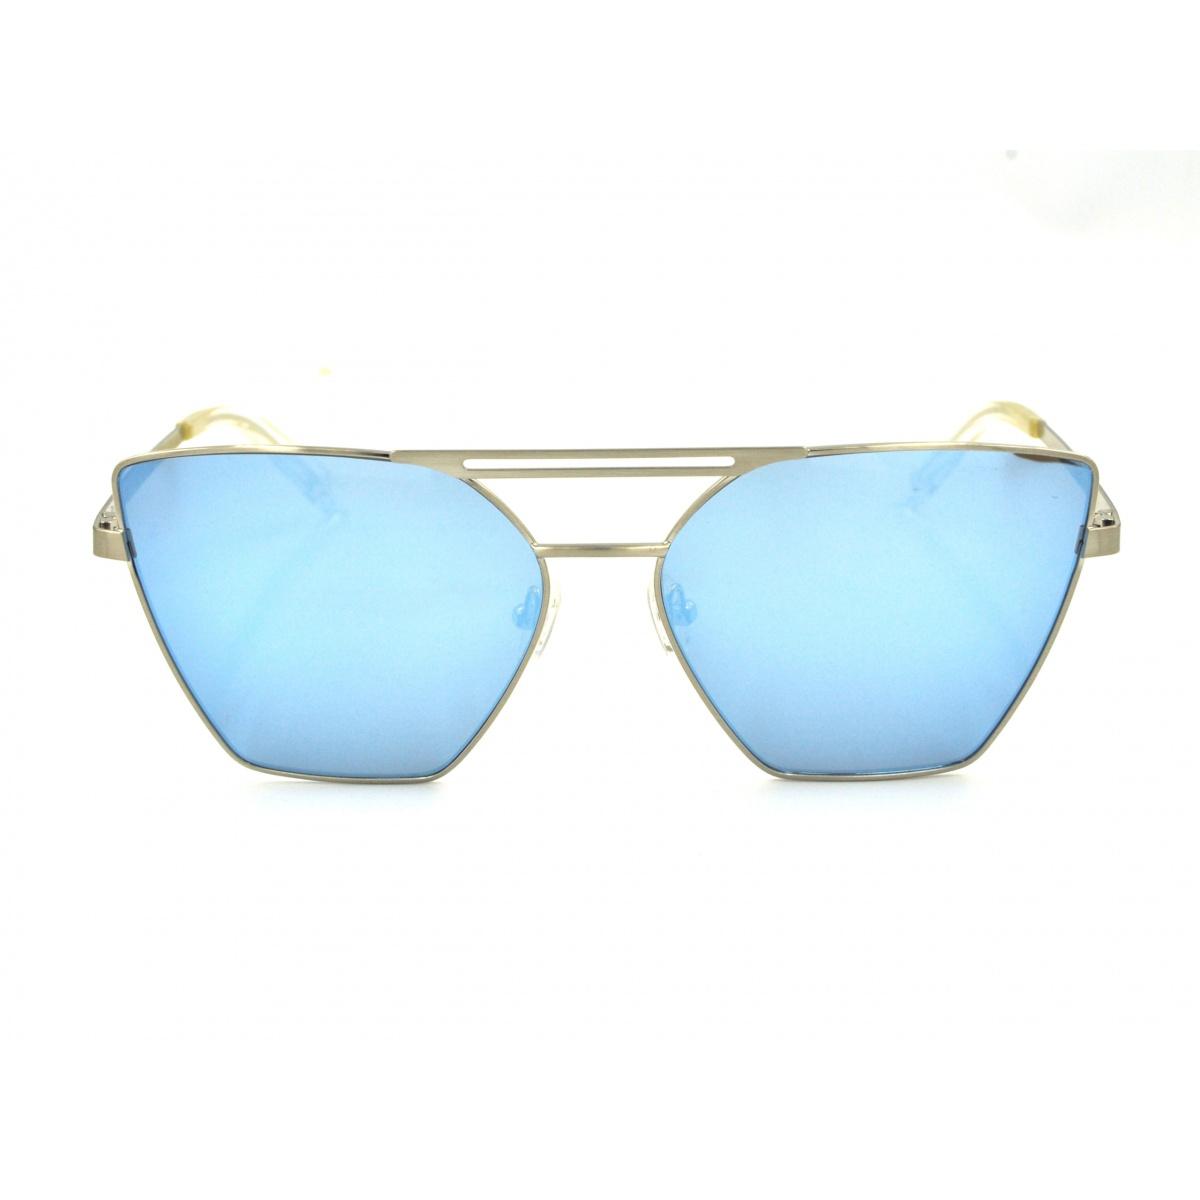 Γυαλιά ηλίου PORTER & REYNARD VANESSA C5 Πειραιάς